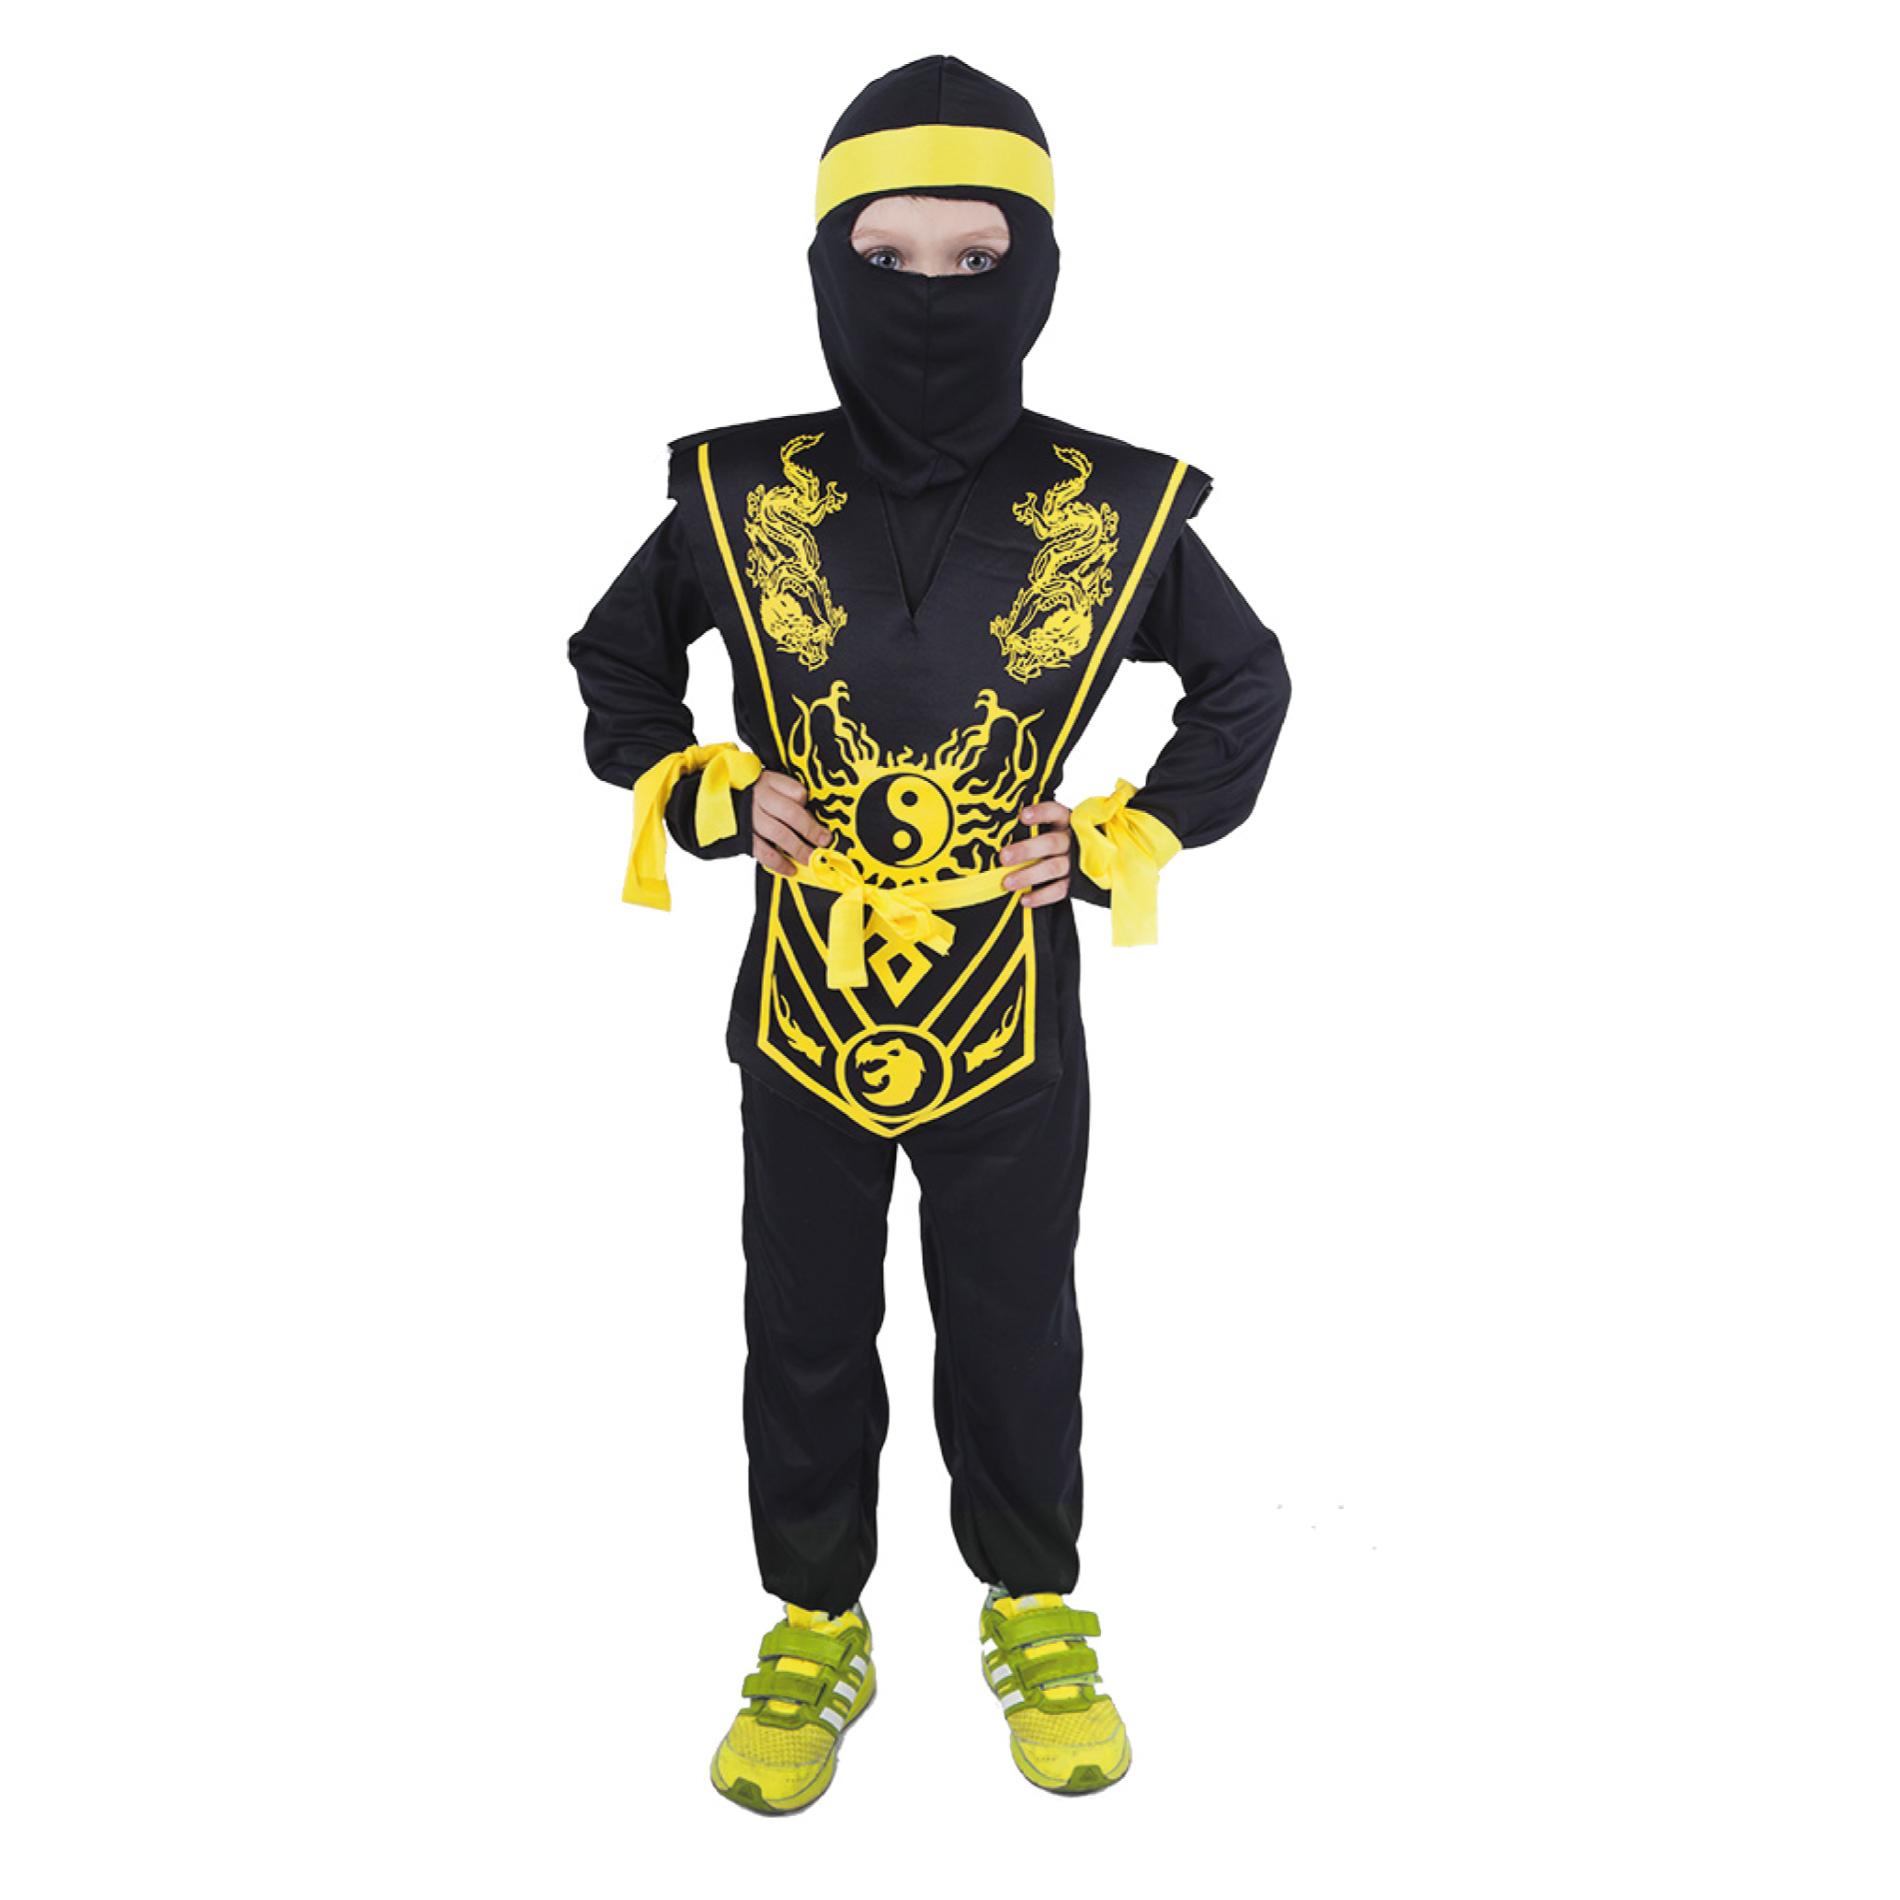 Dětský kostým žlutý ninja (M)